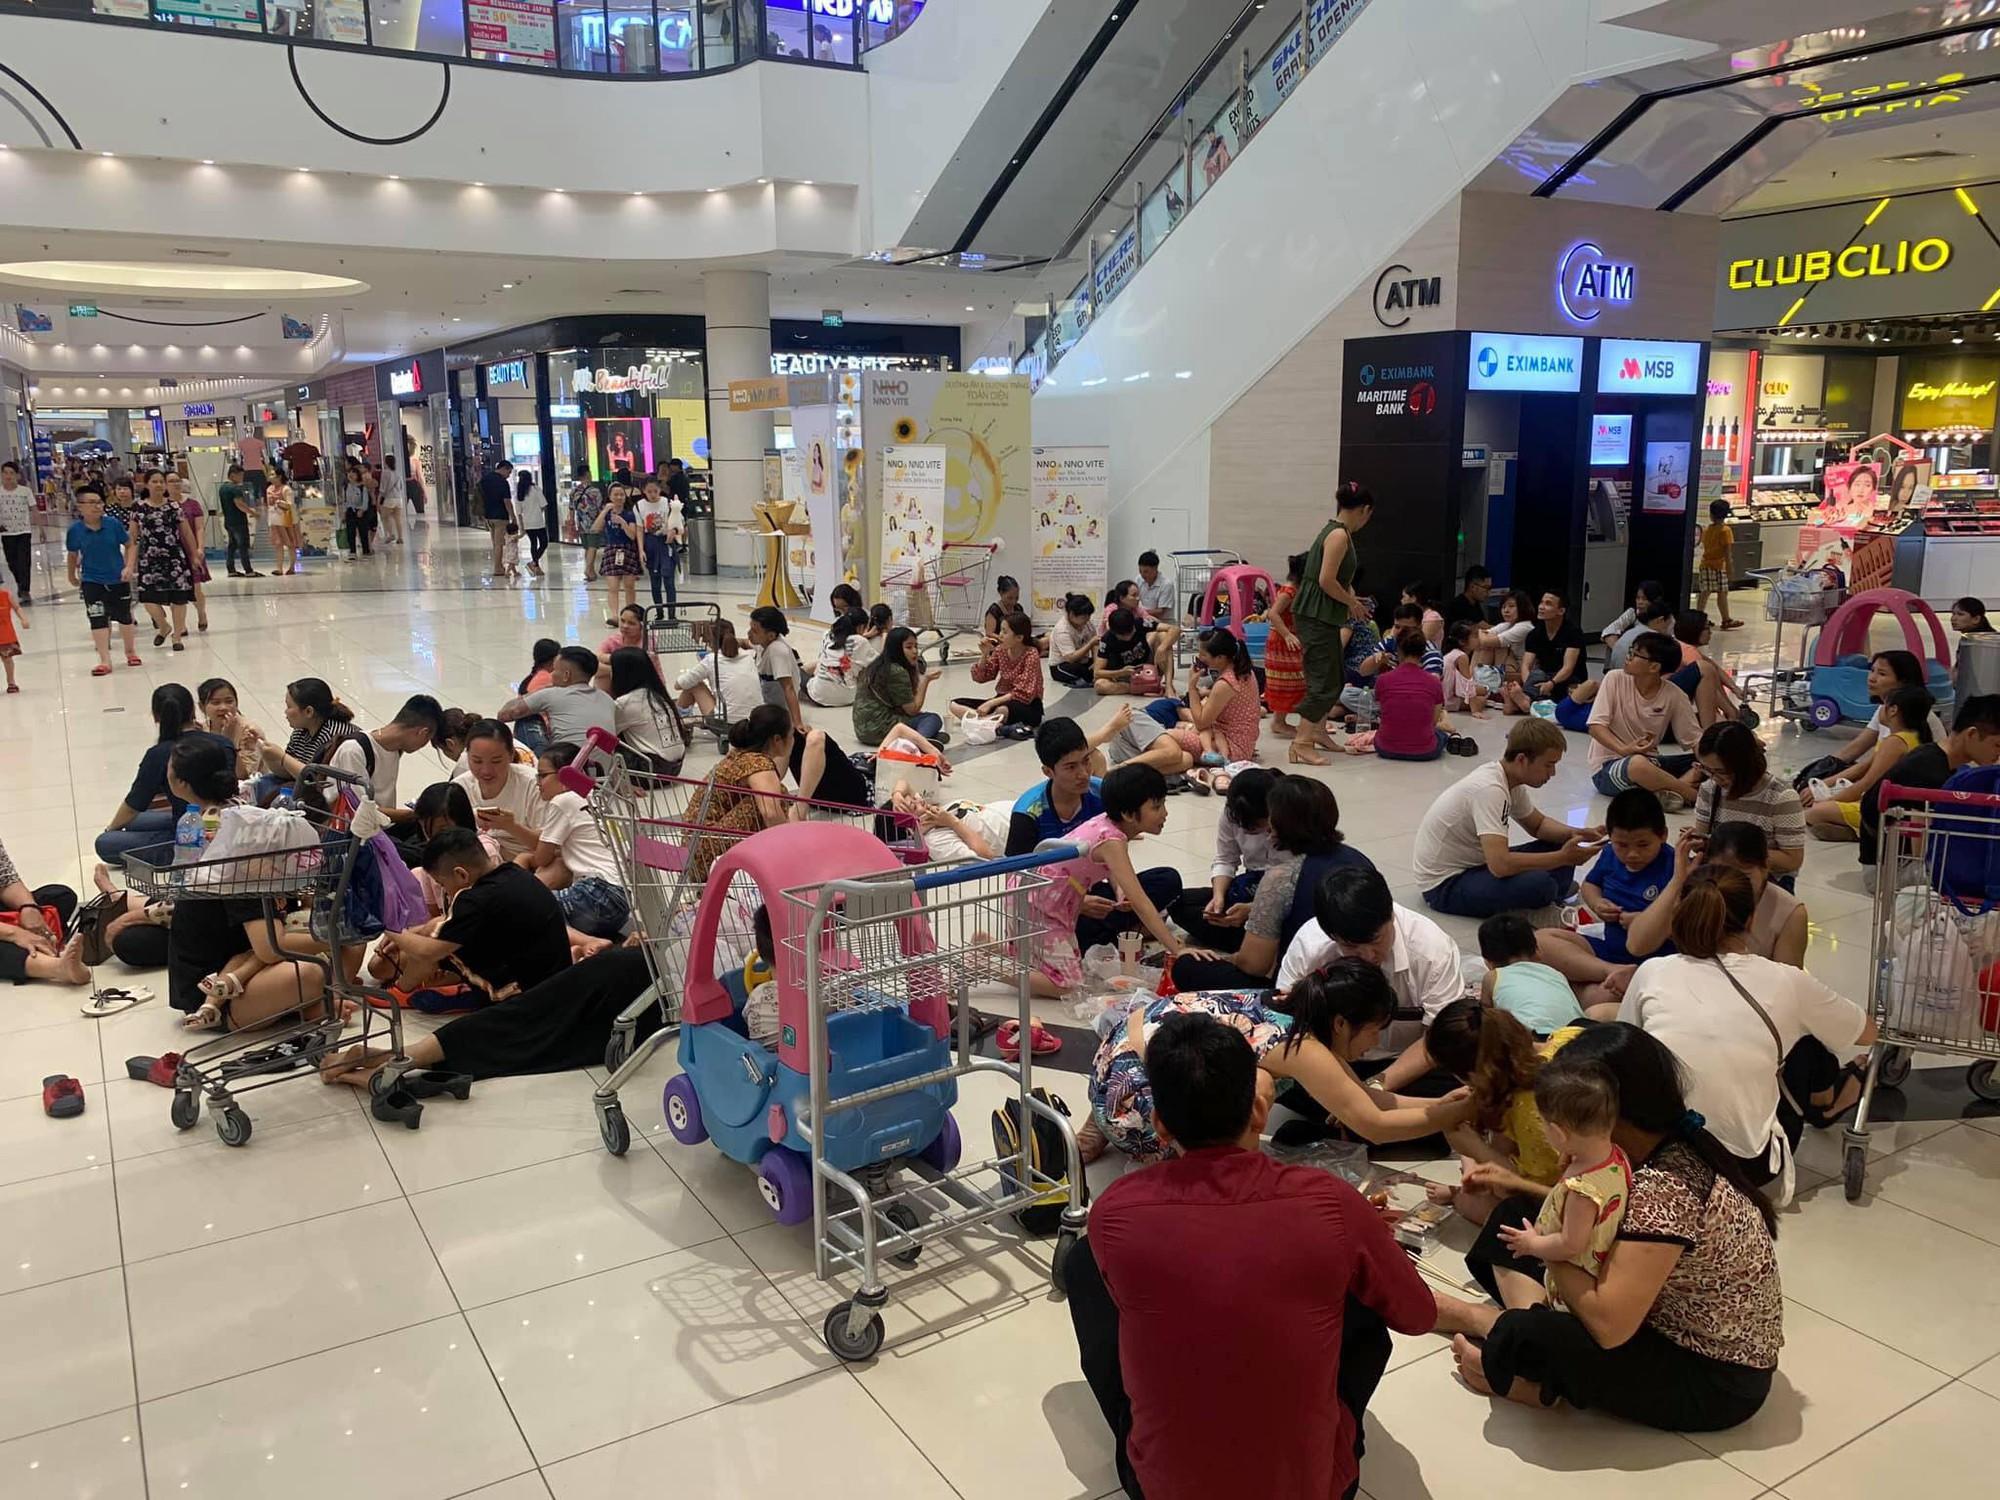 Ảnh 2: Vào trung tâm thương mại tránh nóng - We25.vn